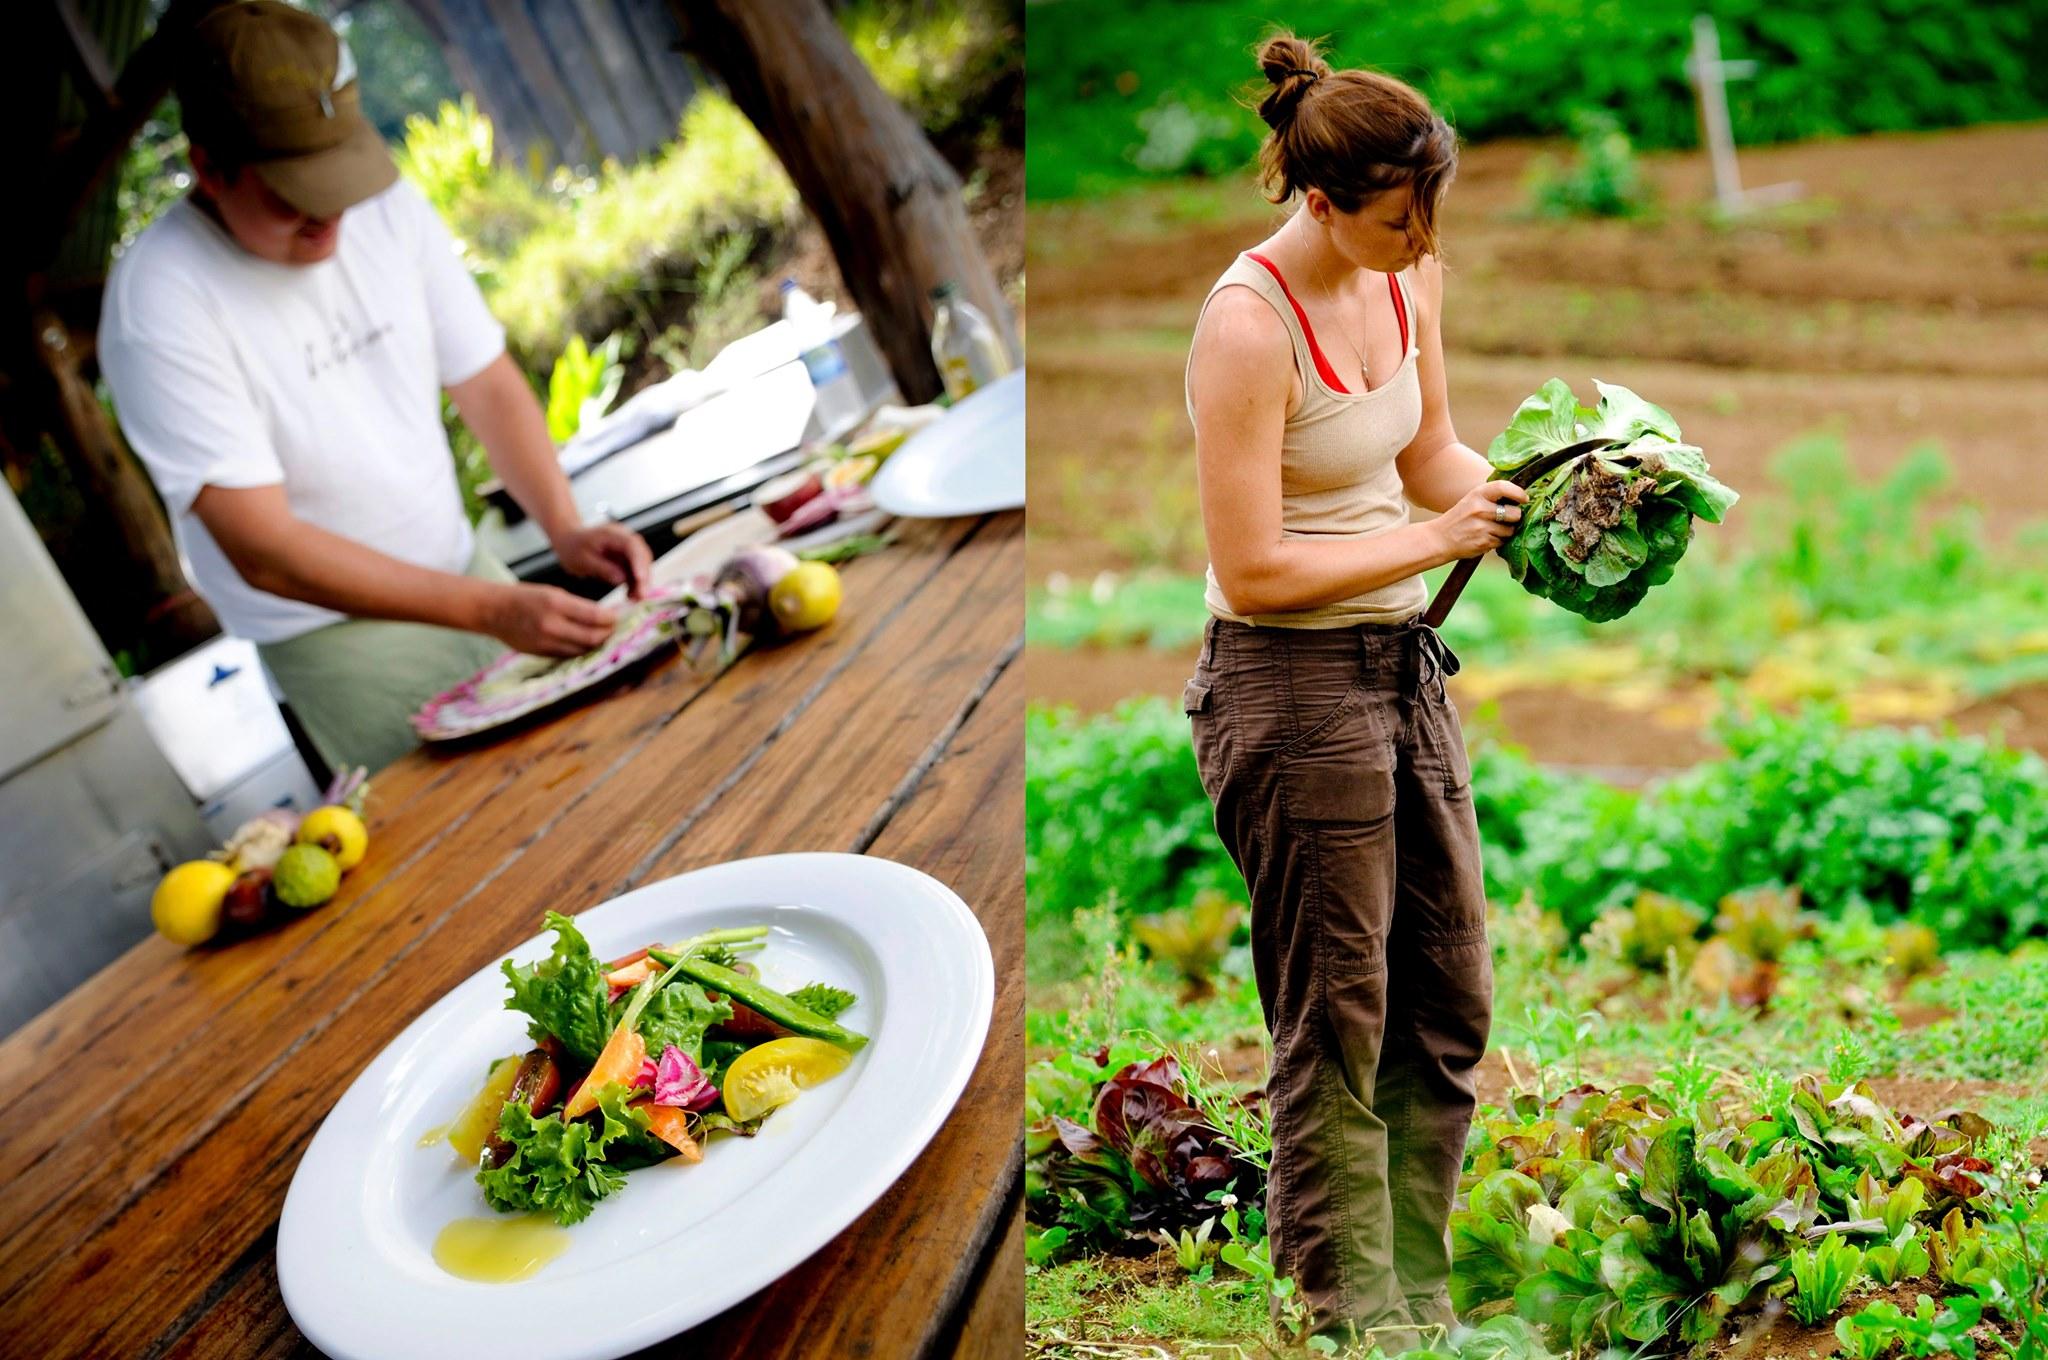 farmstay kết hợp thiền, yoga và thực dưỡng